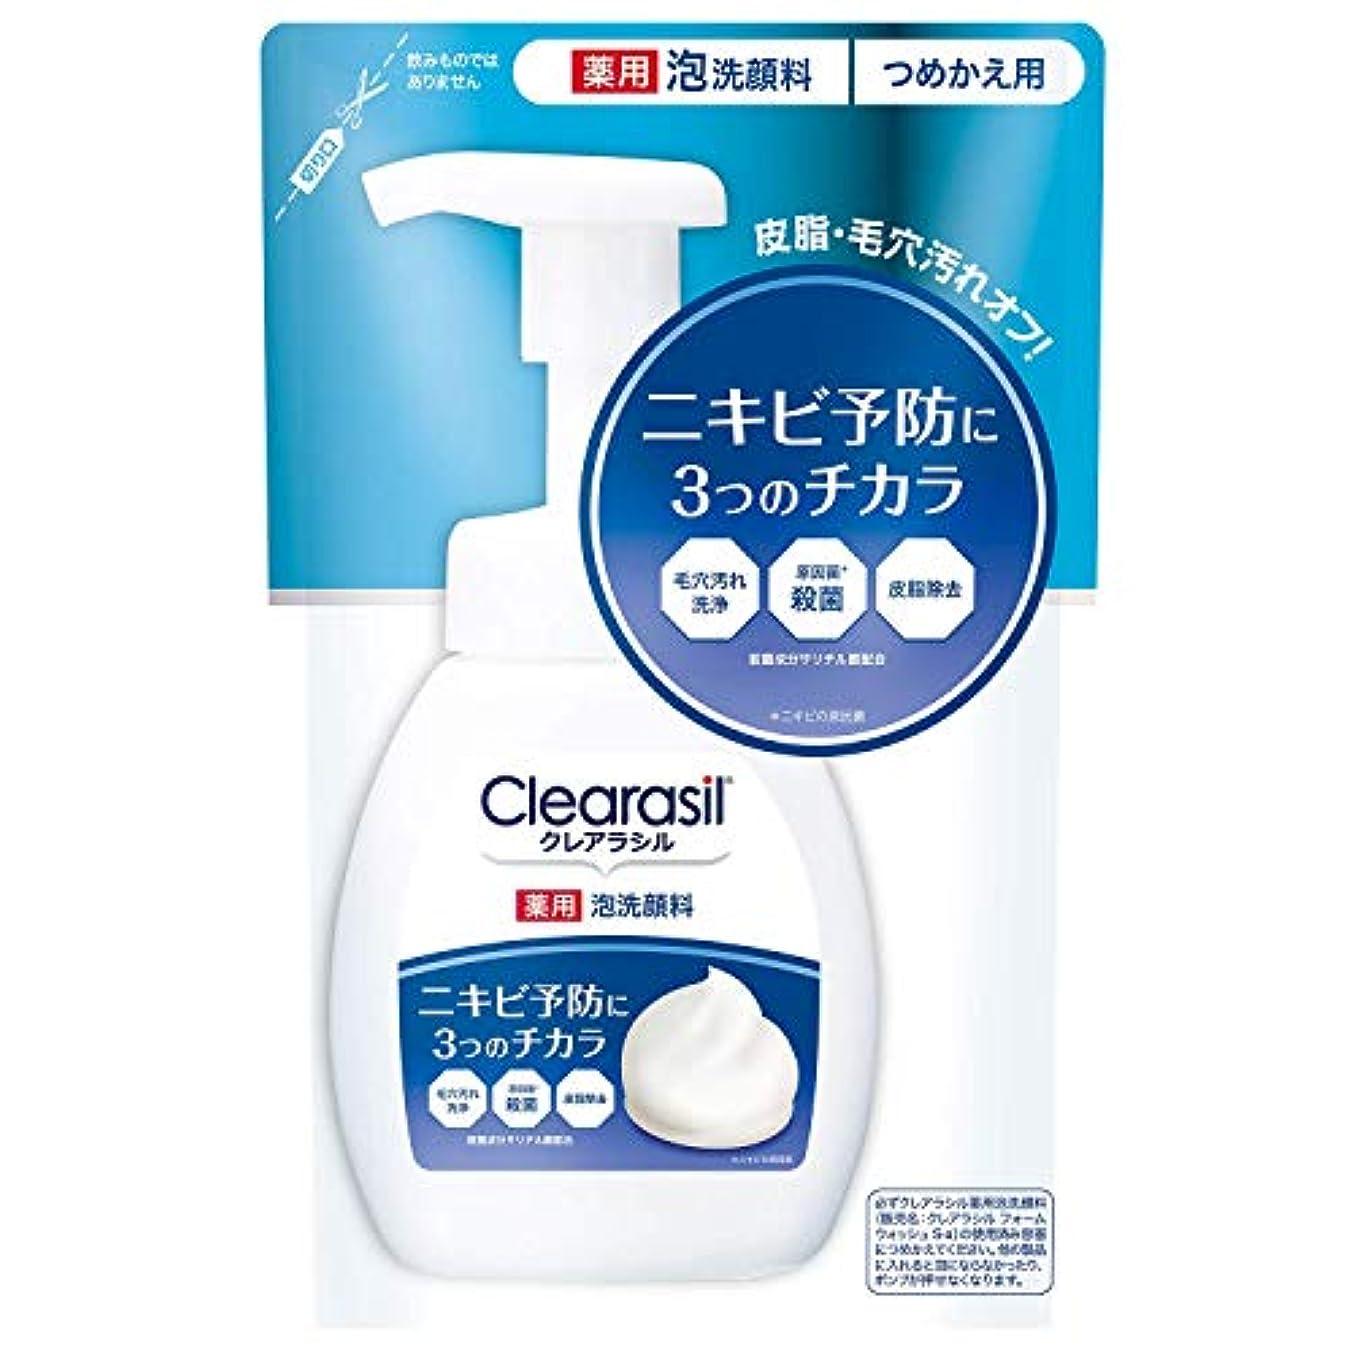 主張温帯フィットネスクレアラシル 薬用泡洗顔フォーム10X 180ml ×2セット